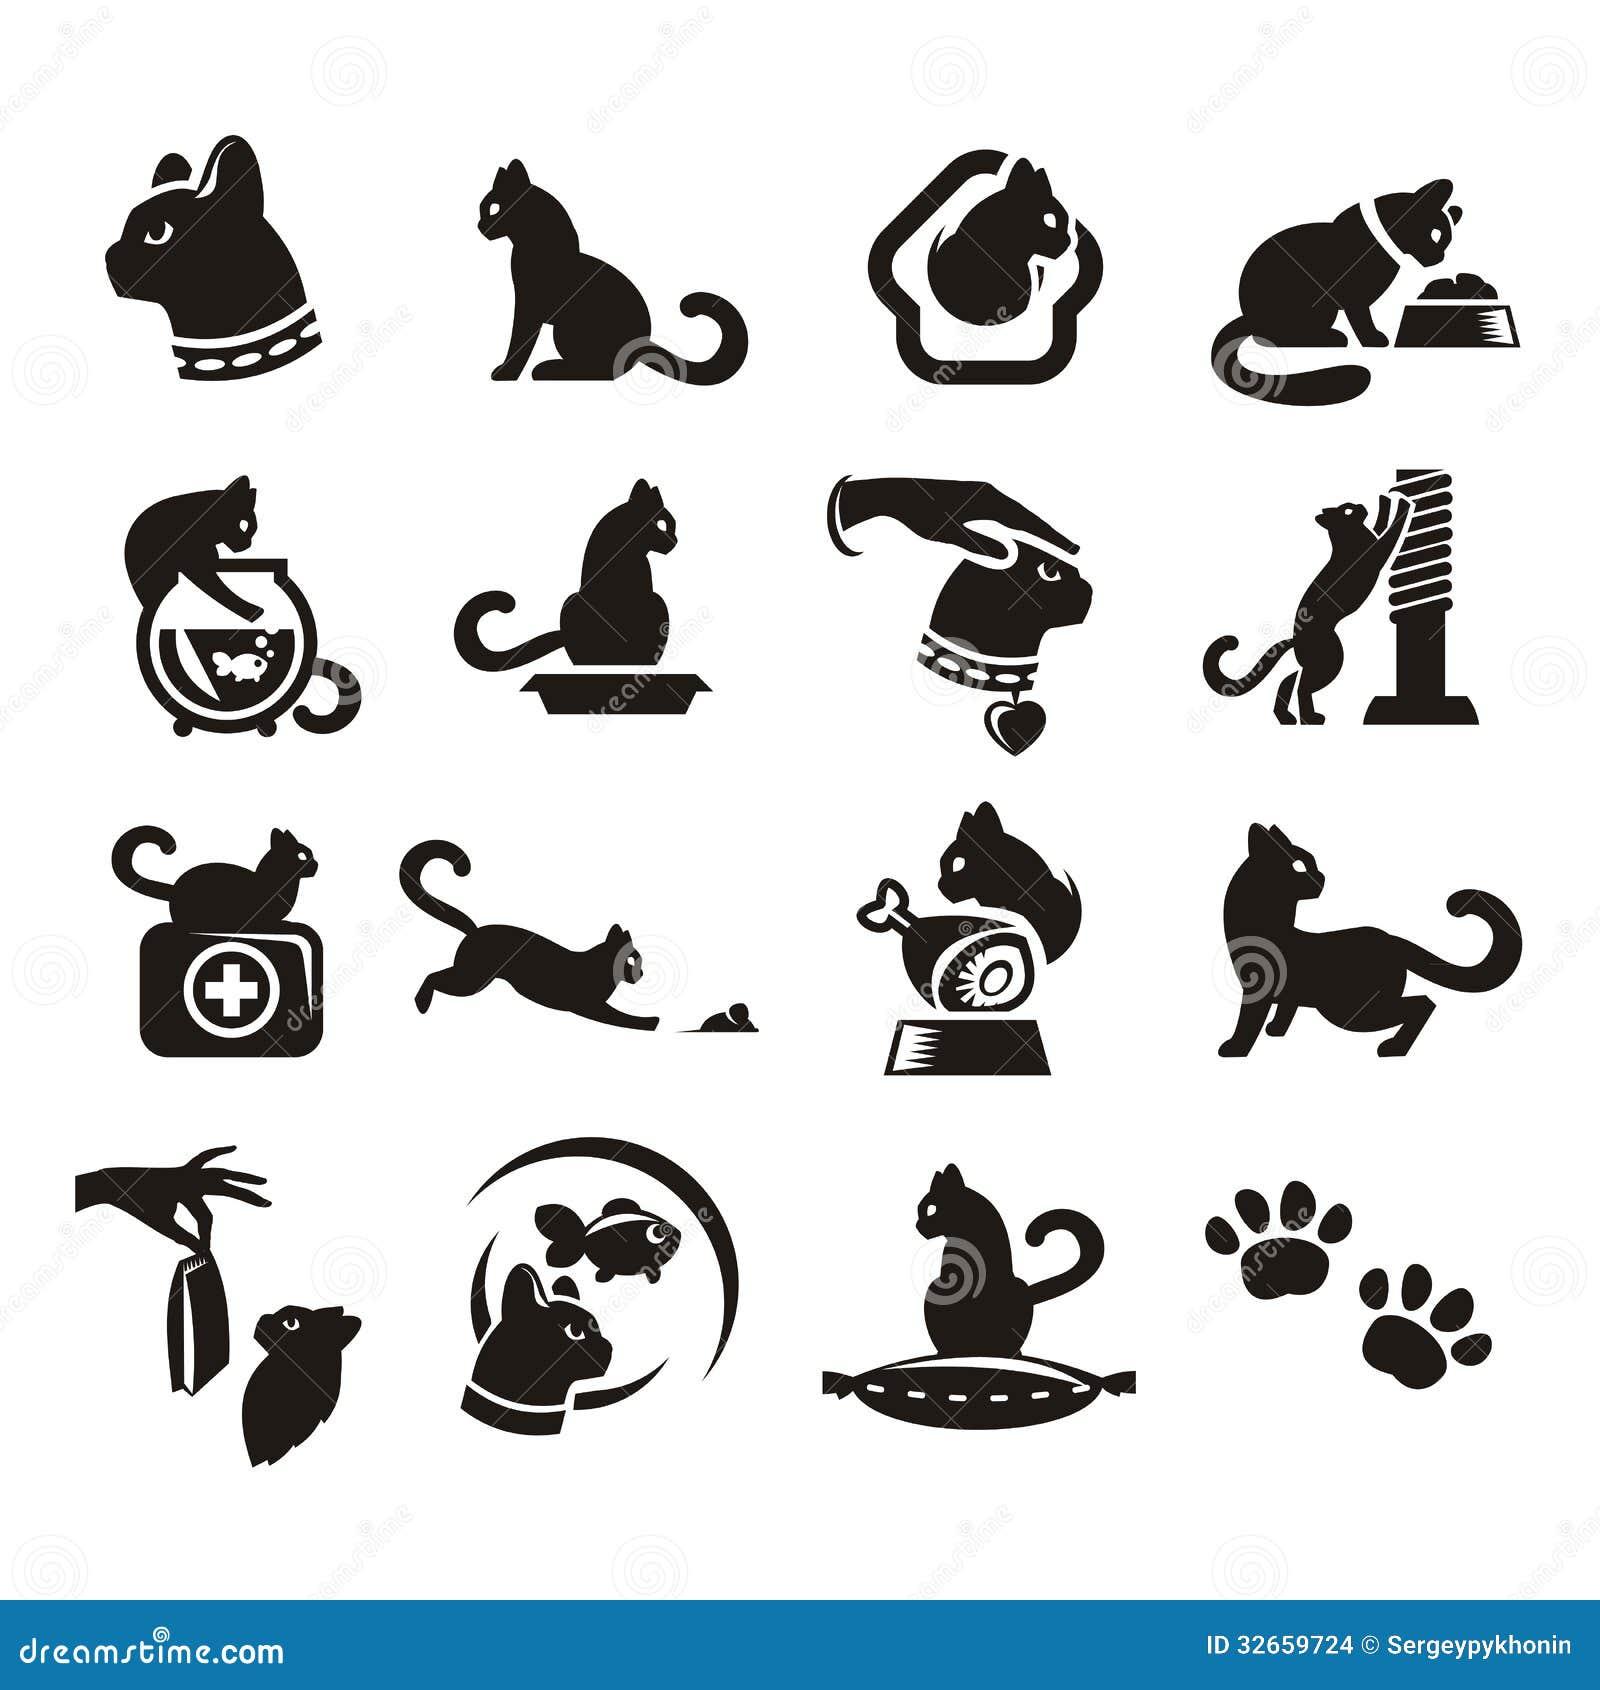 amor de silueta gato - photo #27